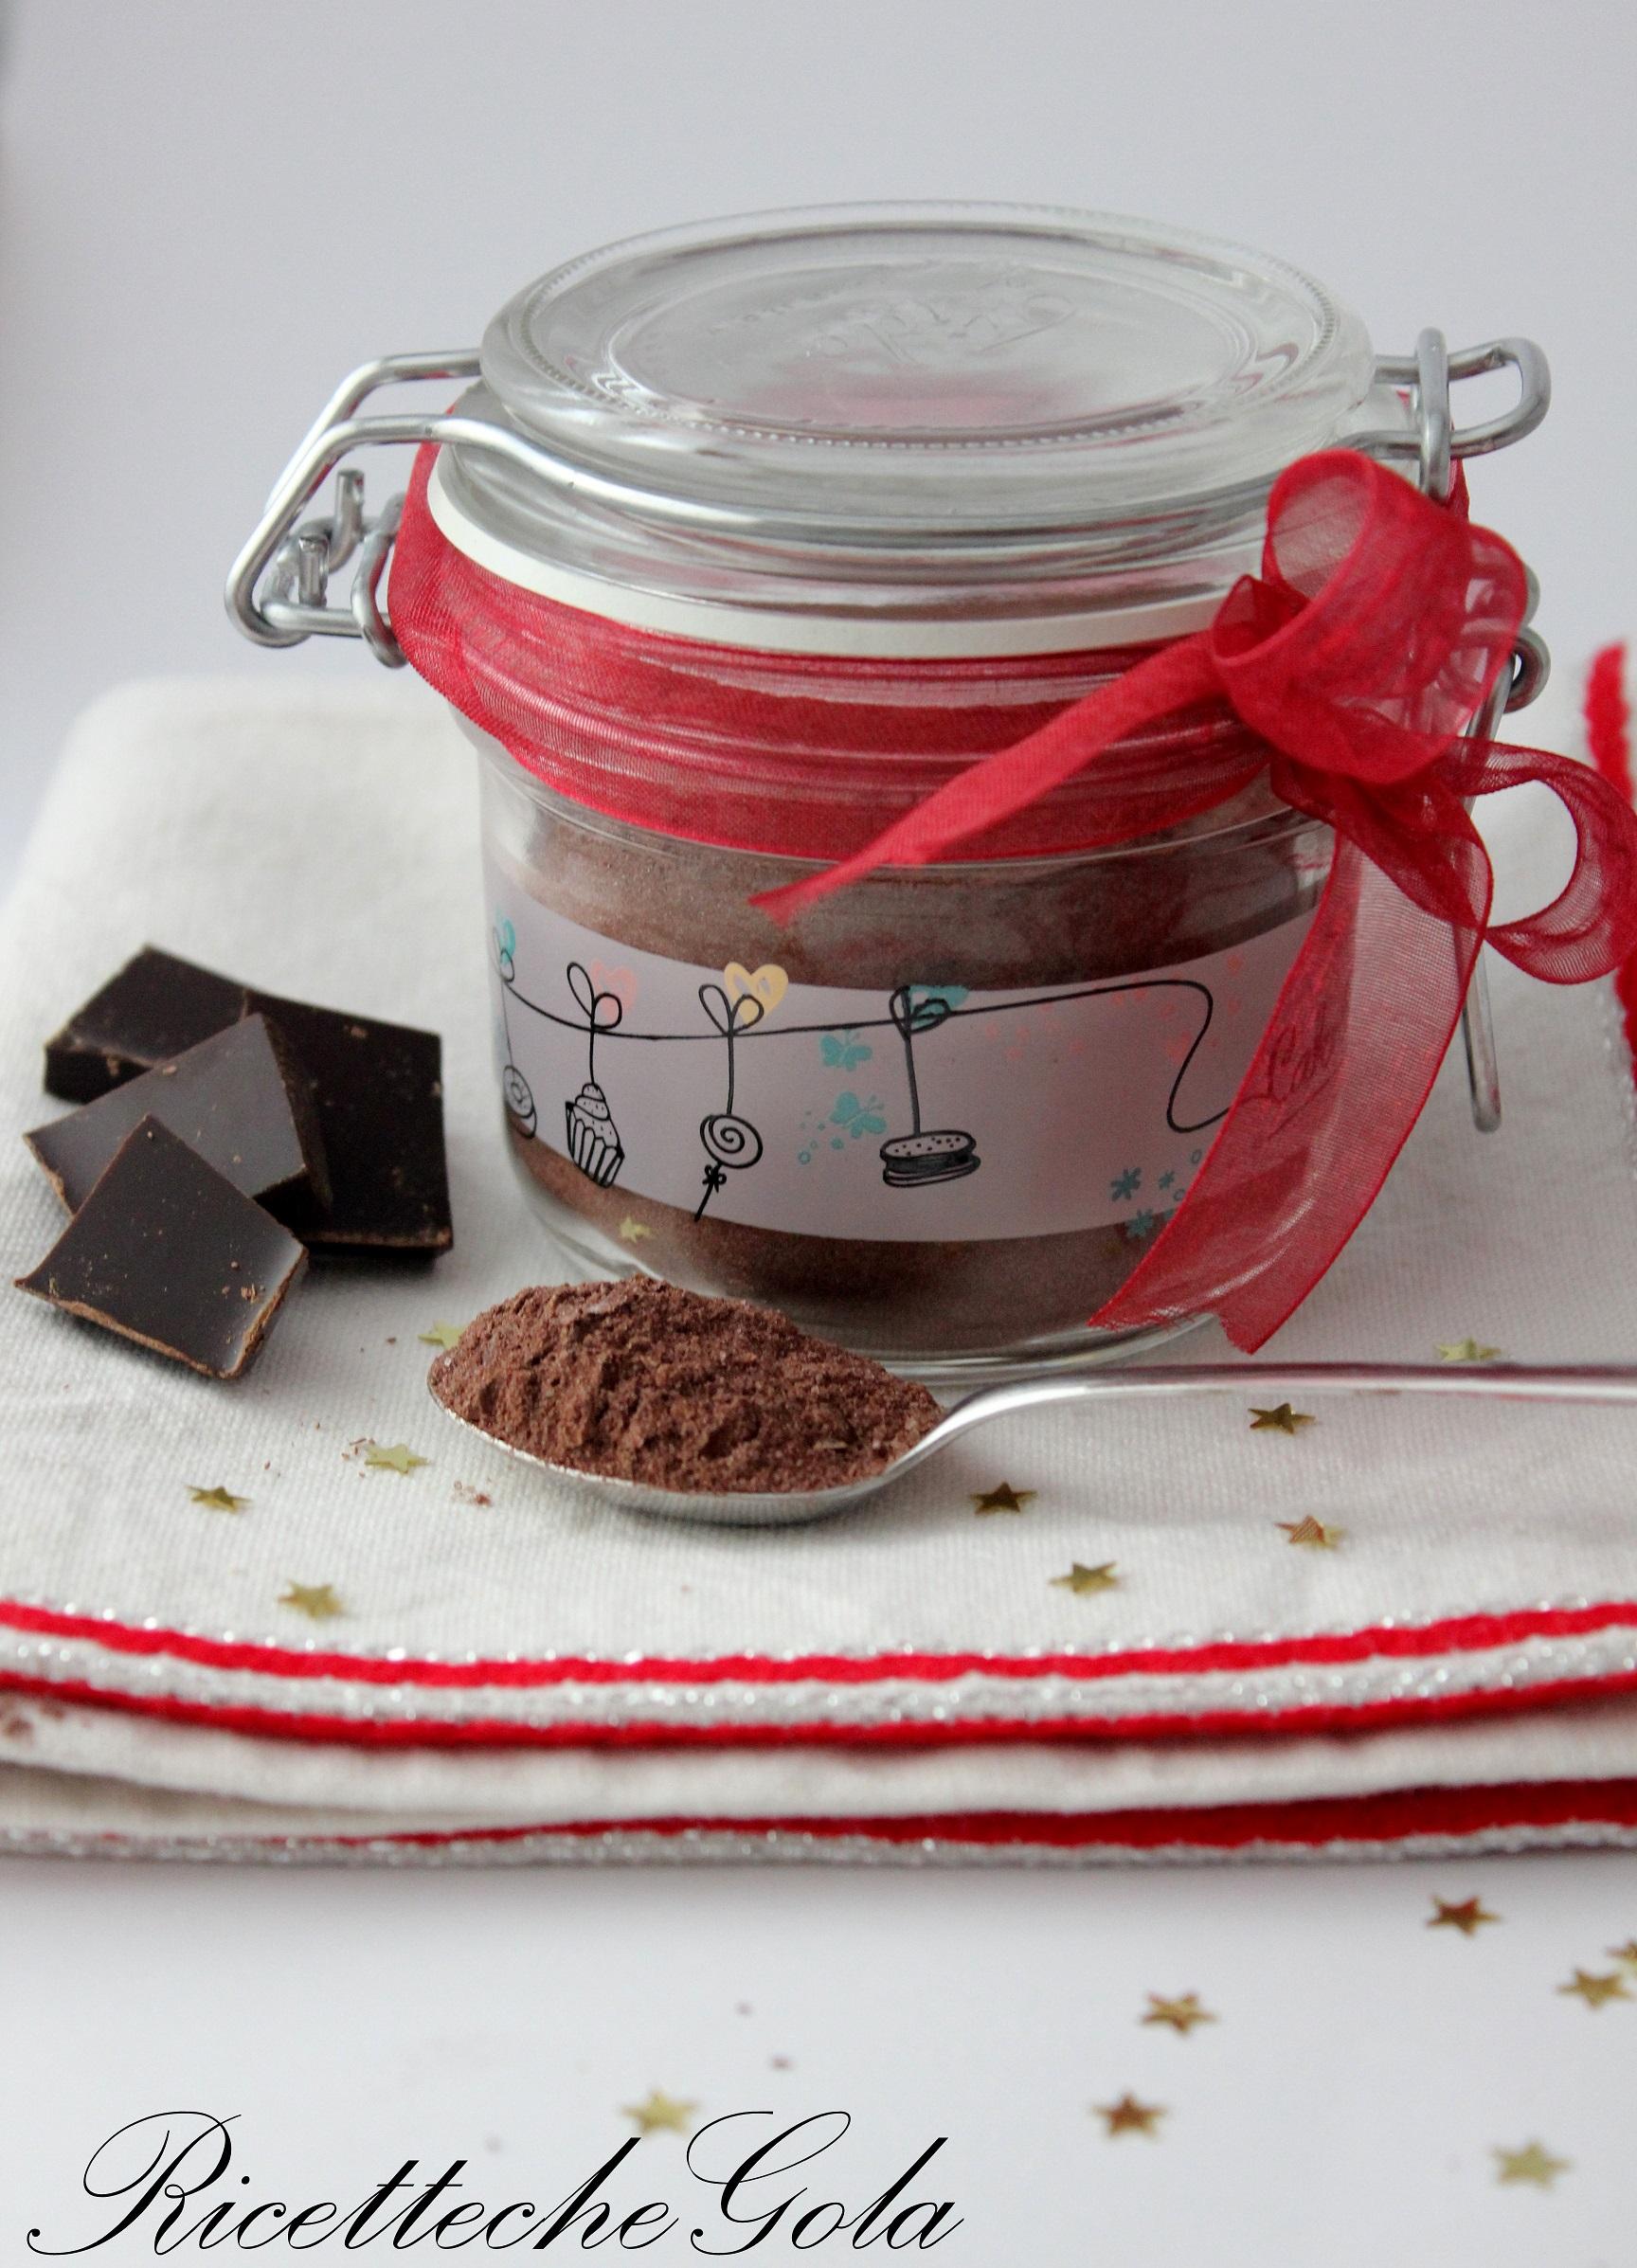 Preparato per cioccolata calda!